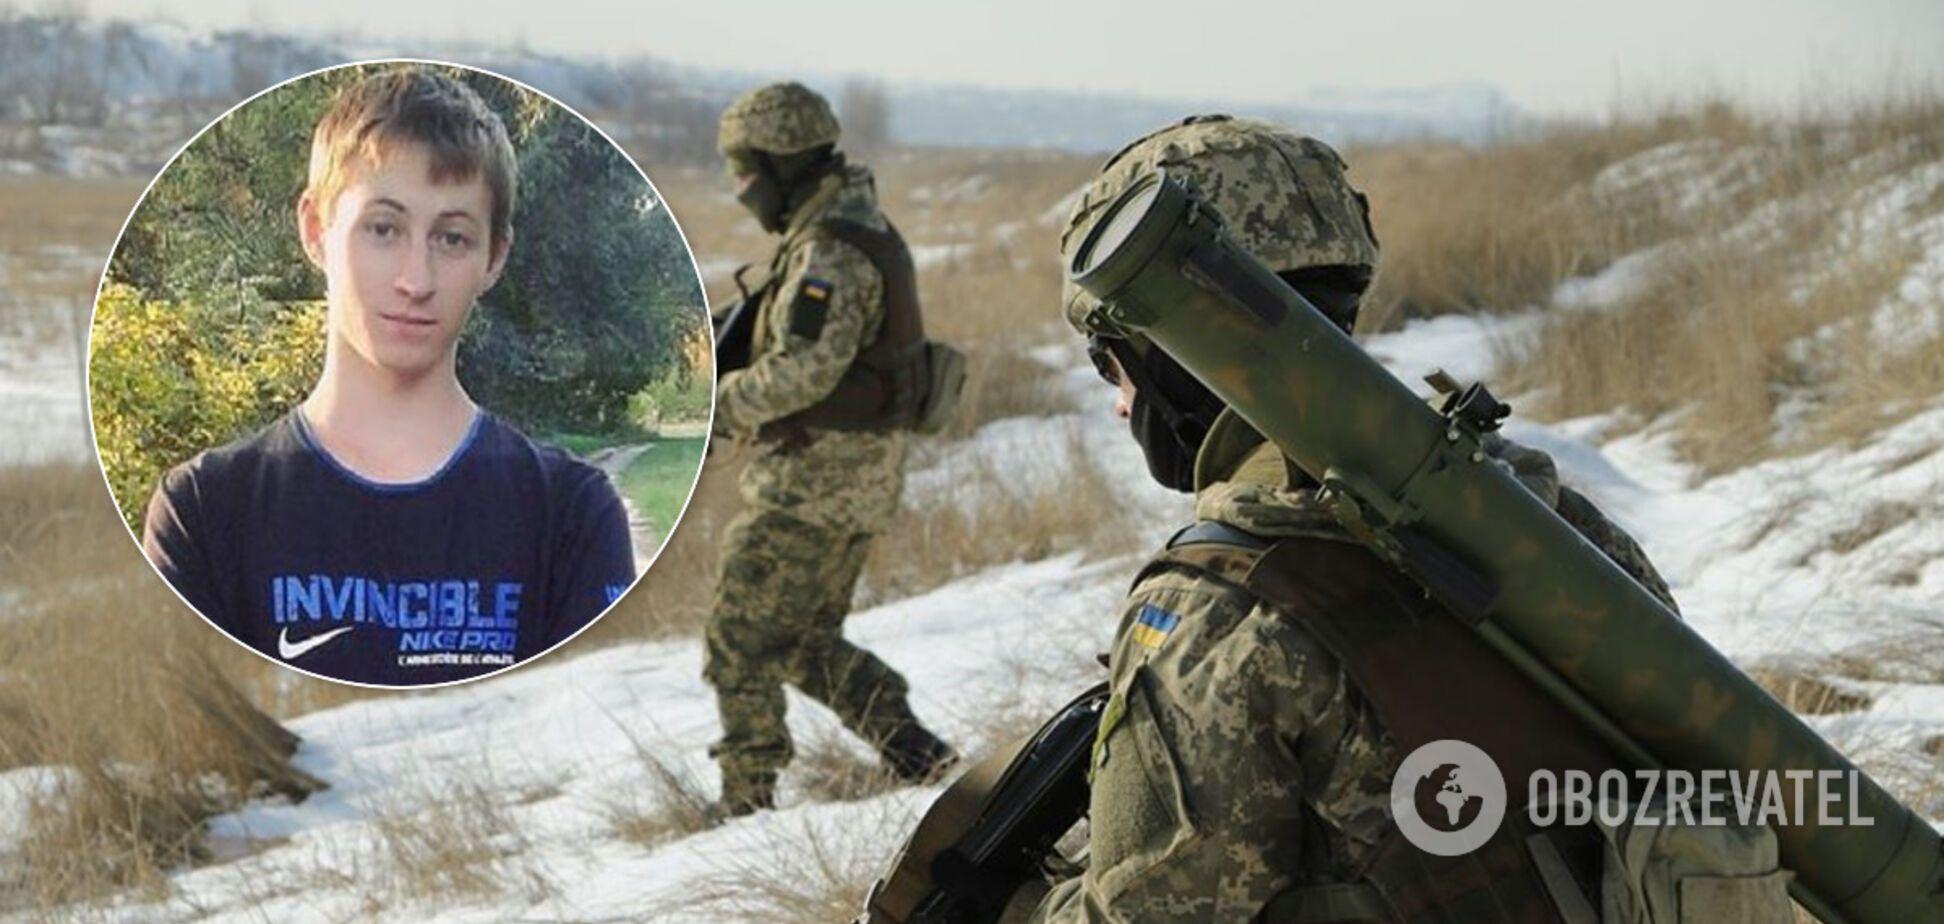 Адский бой, шпион и контрабанда: как прошла неделя в ООС